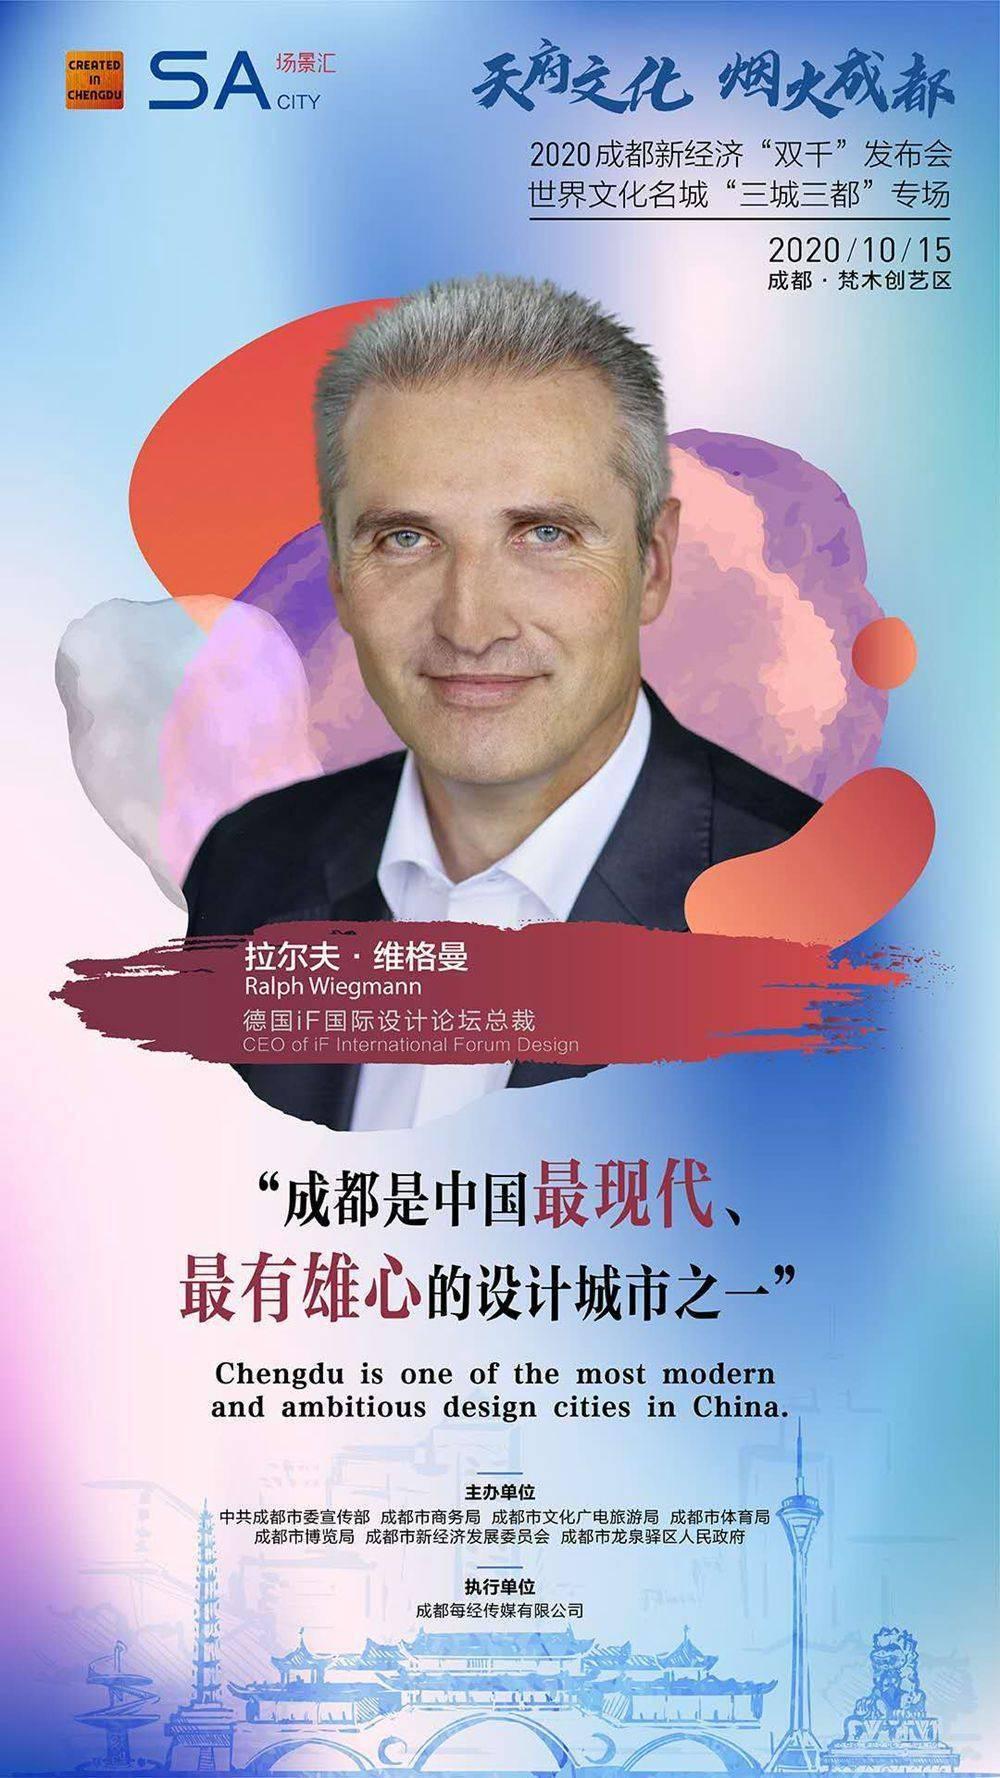 德国iF国际论坛设计公司总裁拉尔夫?维格曼:成都是中国最现代、最有雄心的设计城市之一